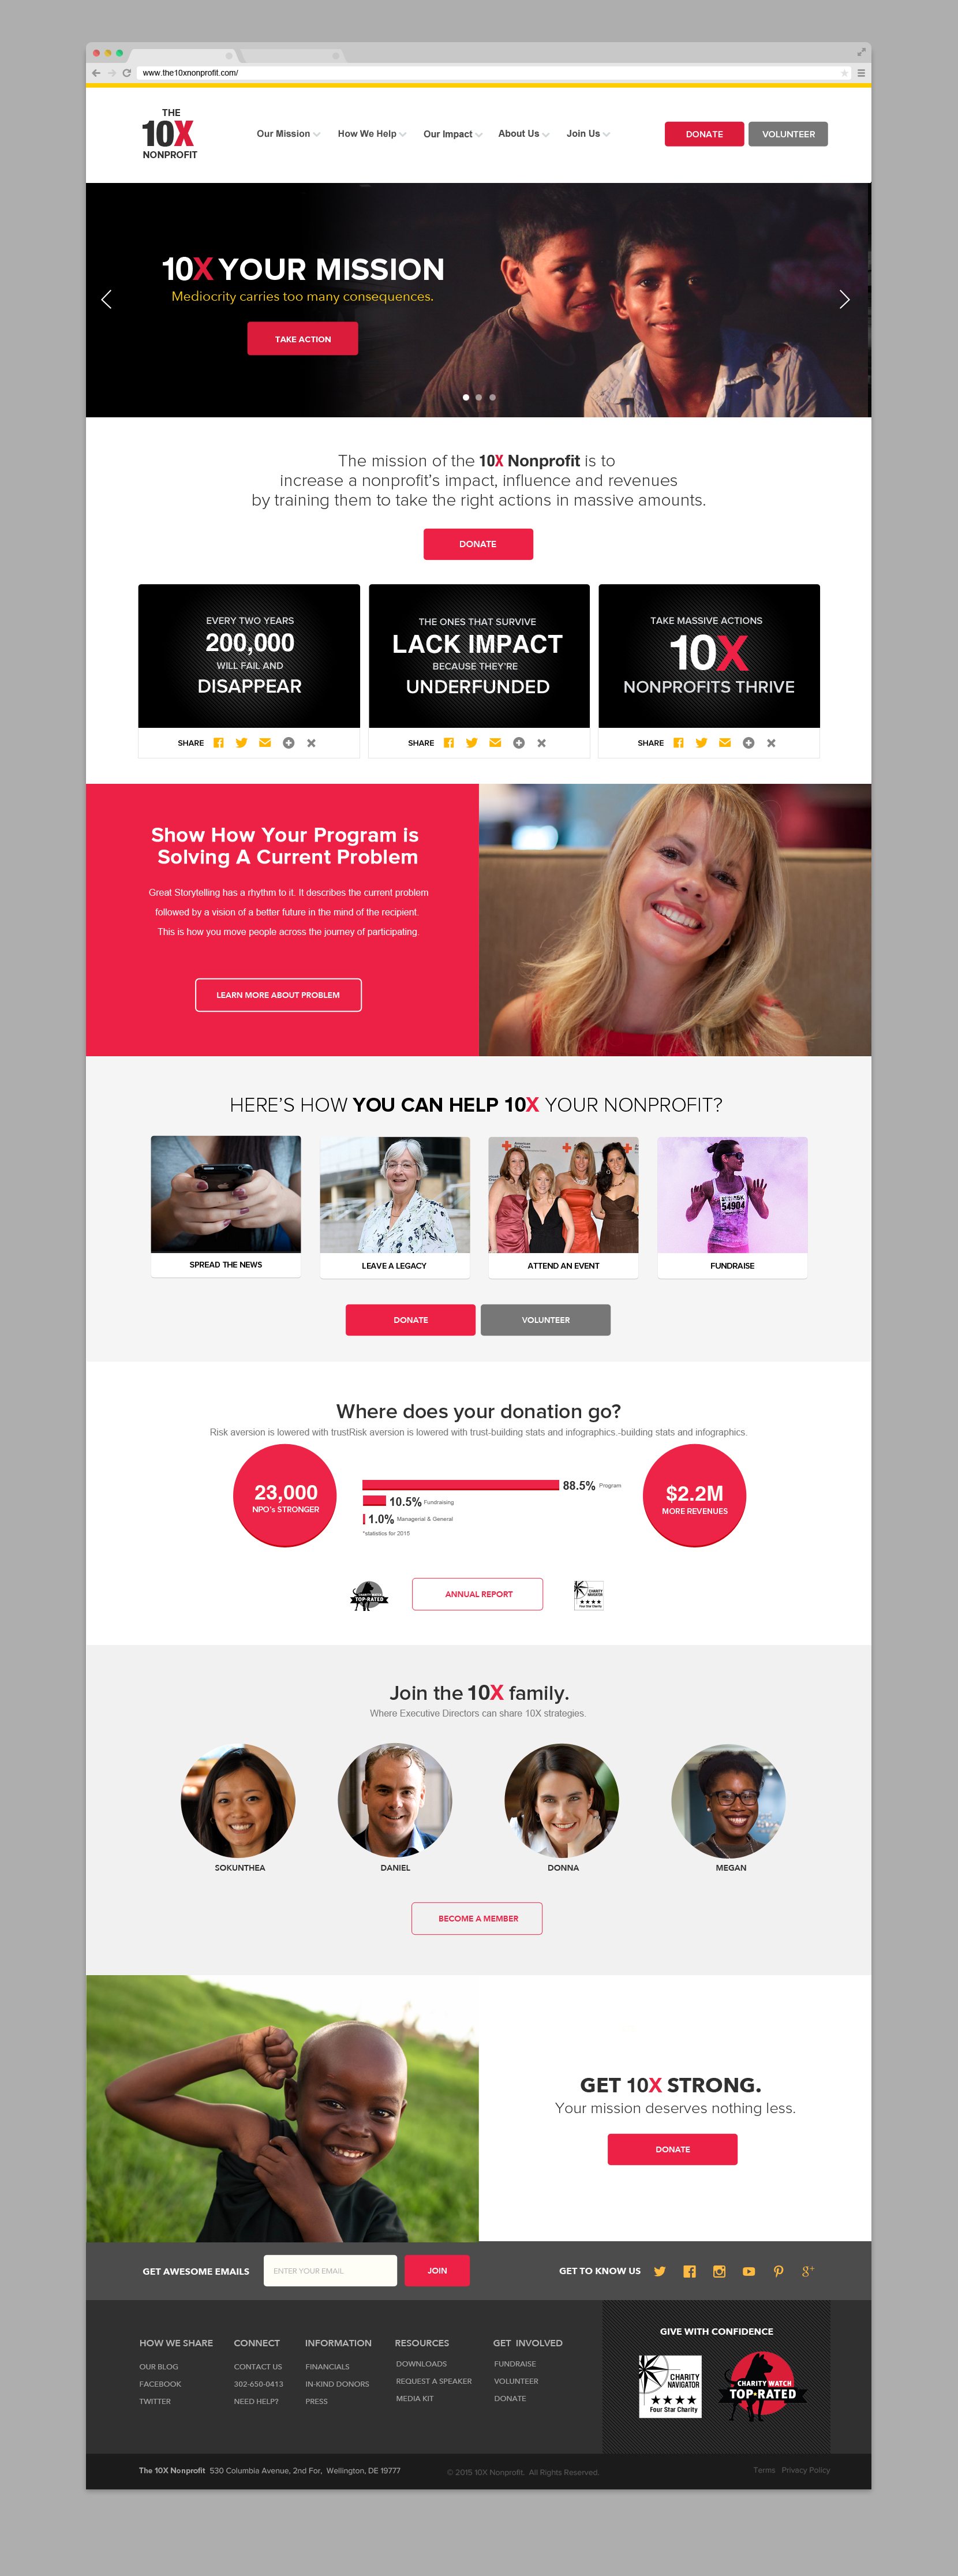 The Prefect Non-profit Website